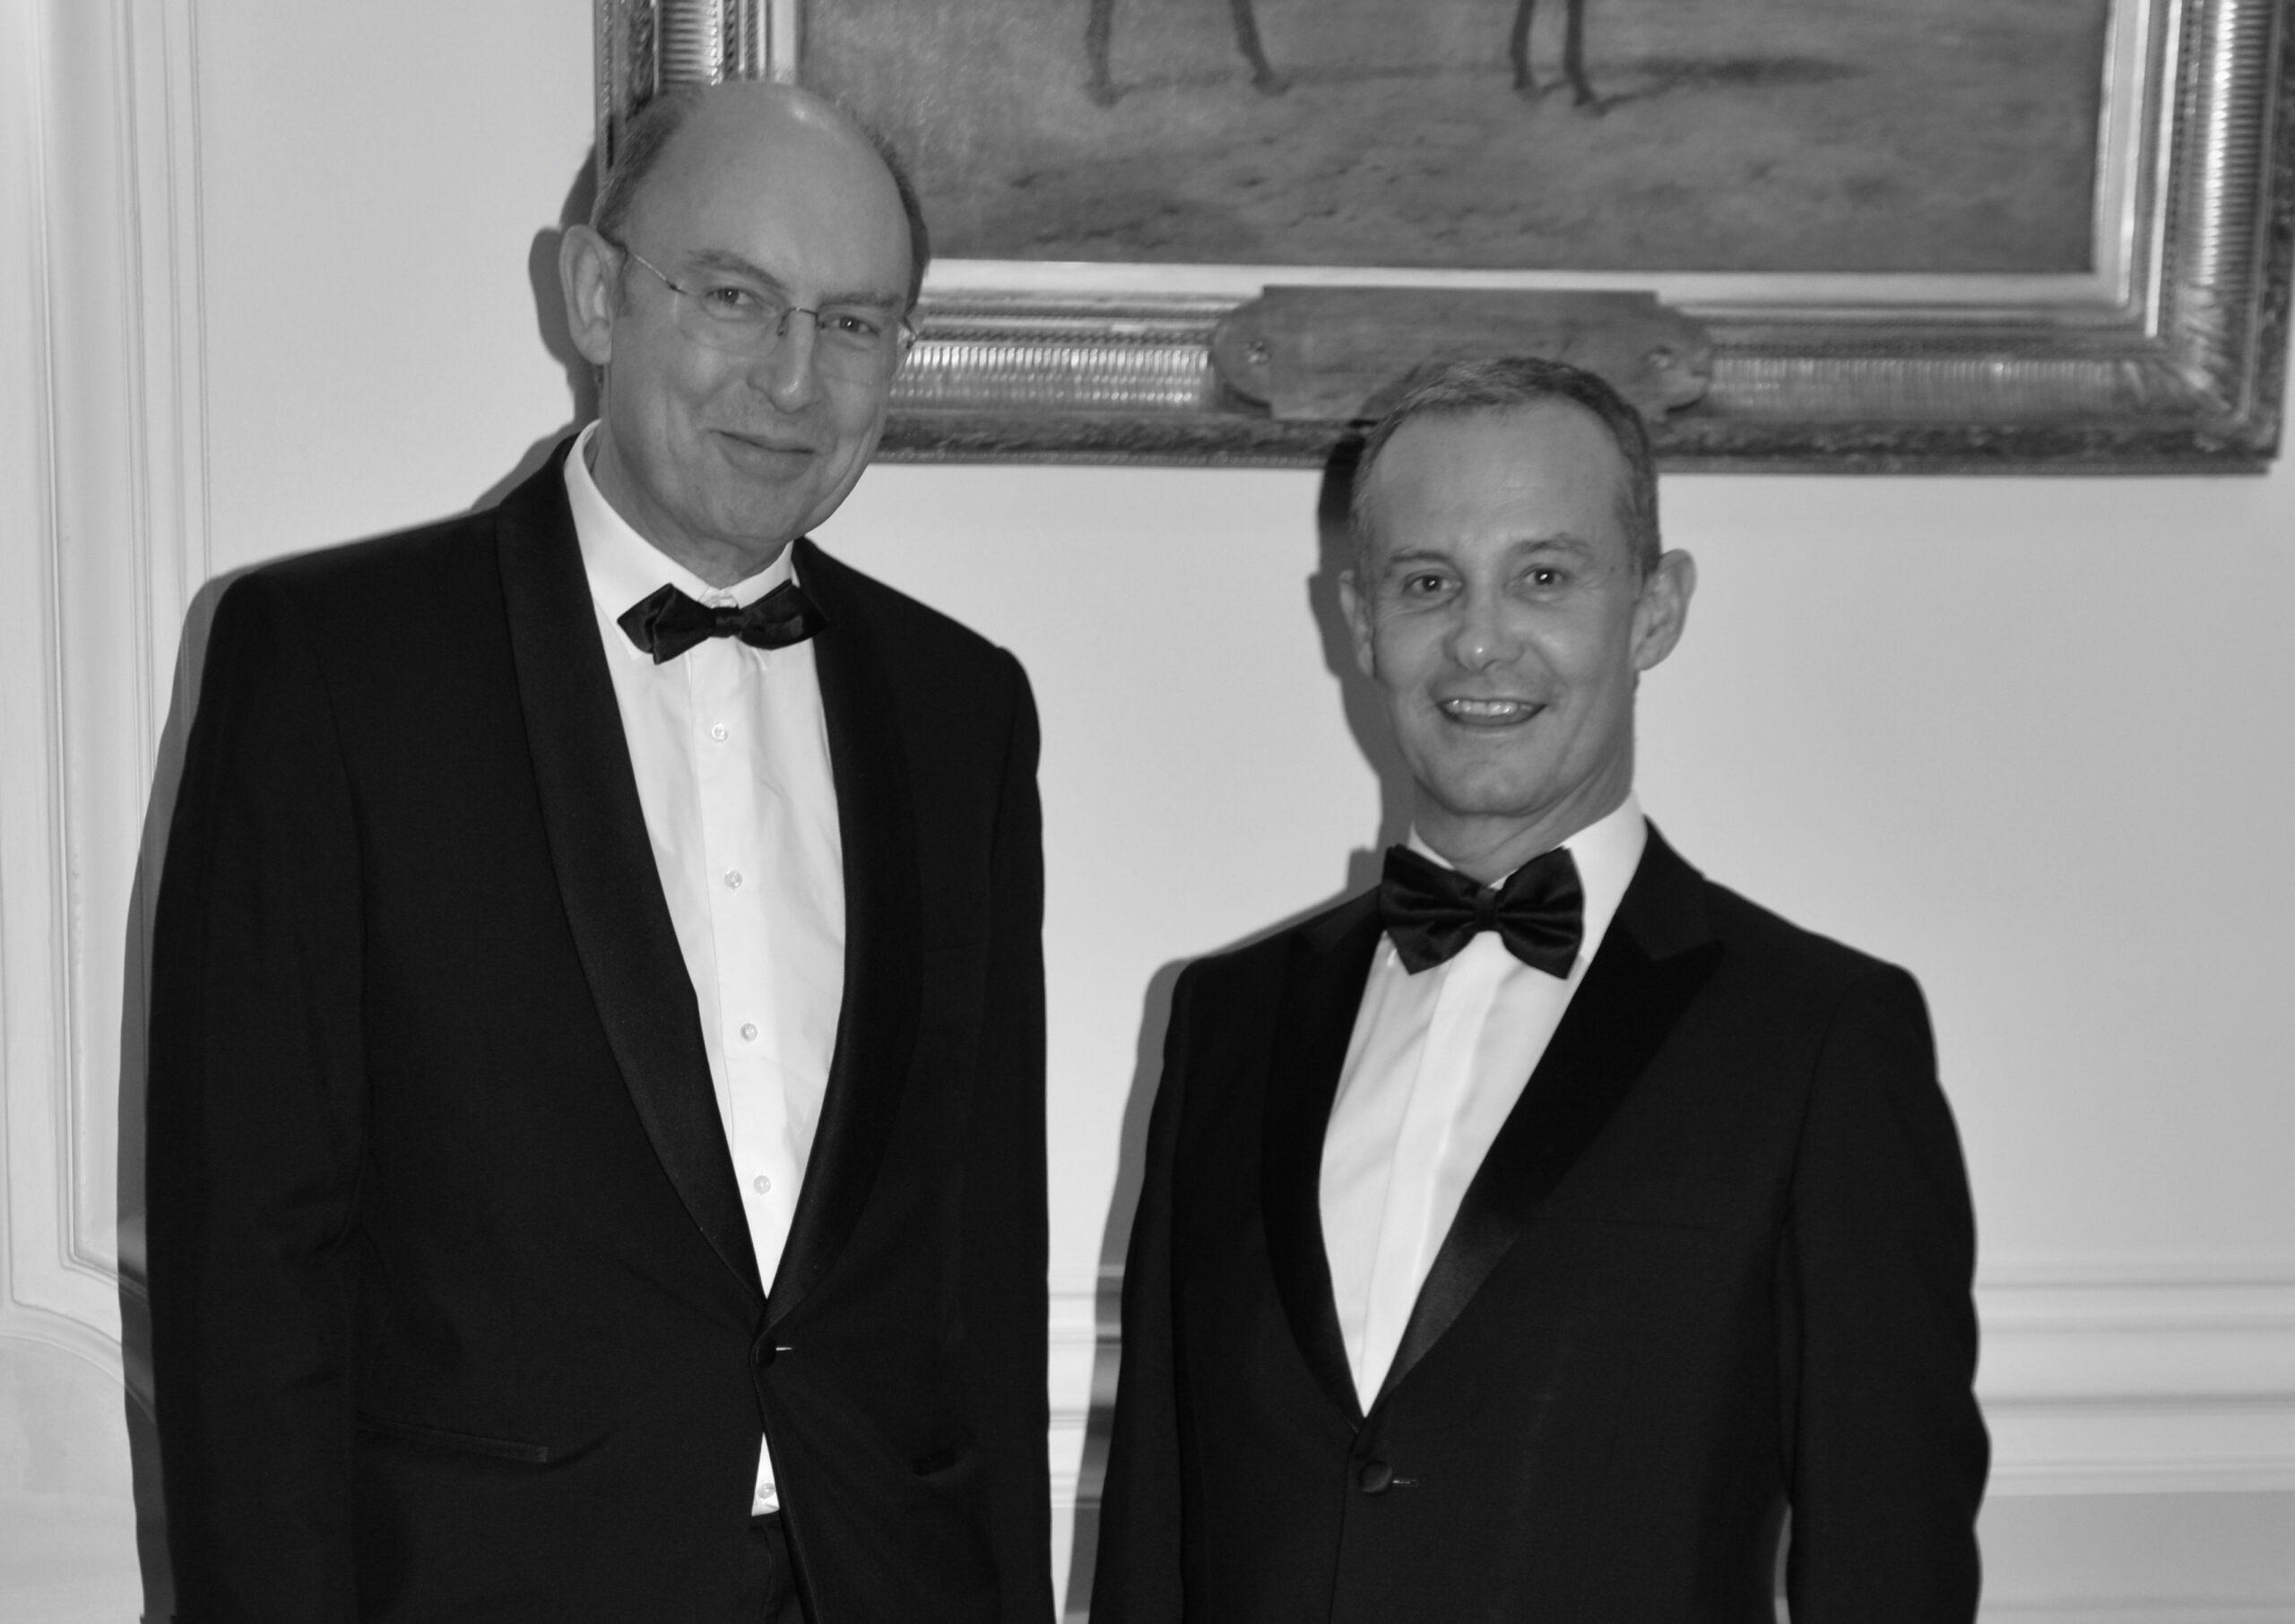 Le député Michel VIALAY, président d'une mission contre le plastique et l'avocat Francis BAILLET